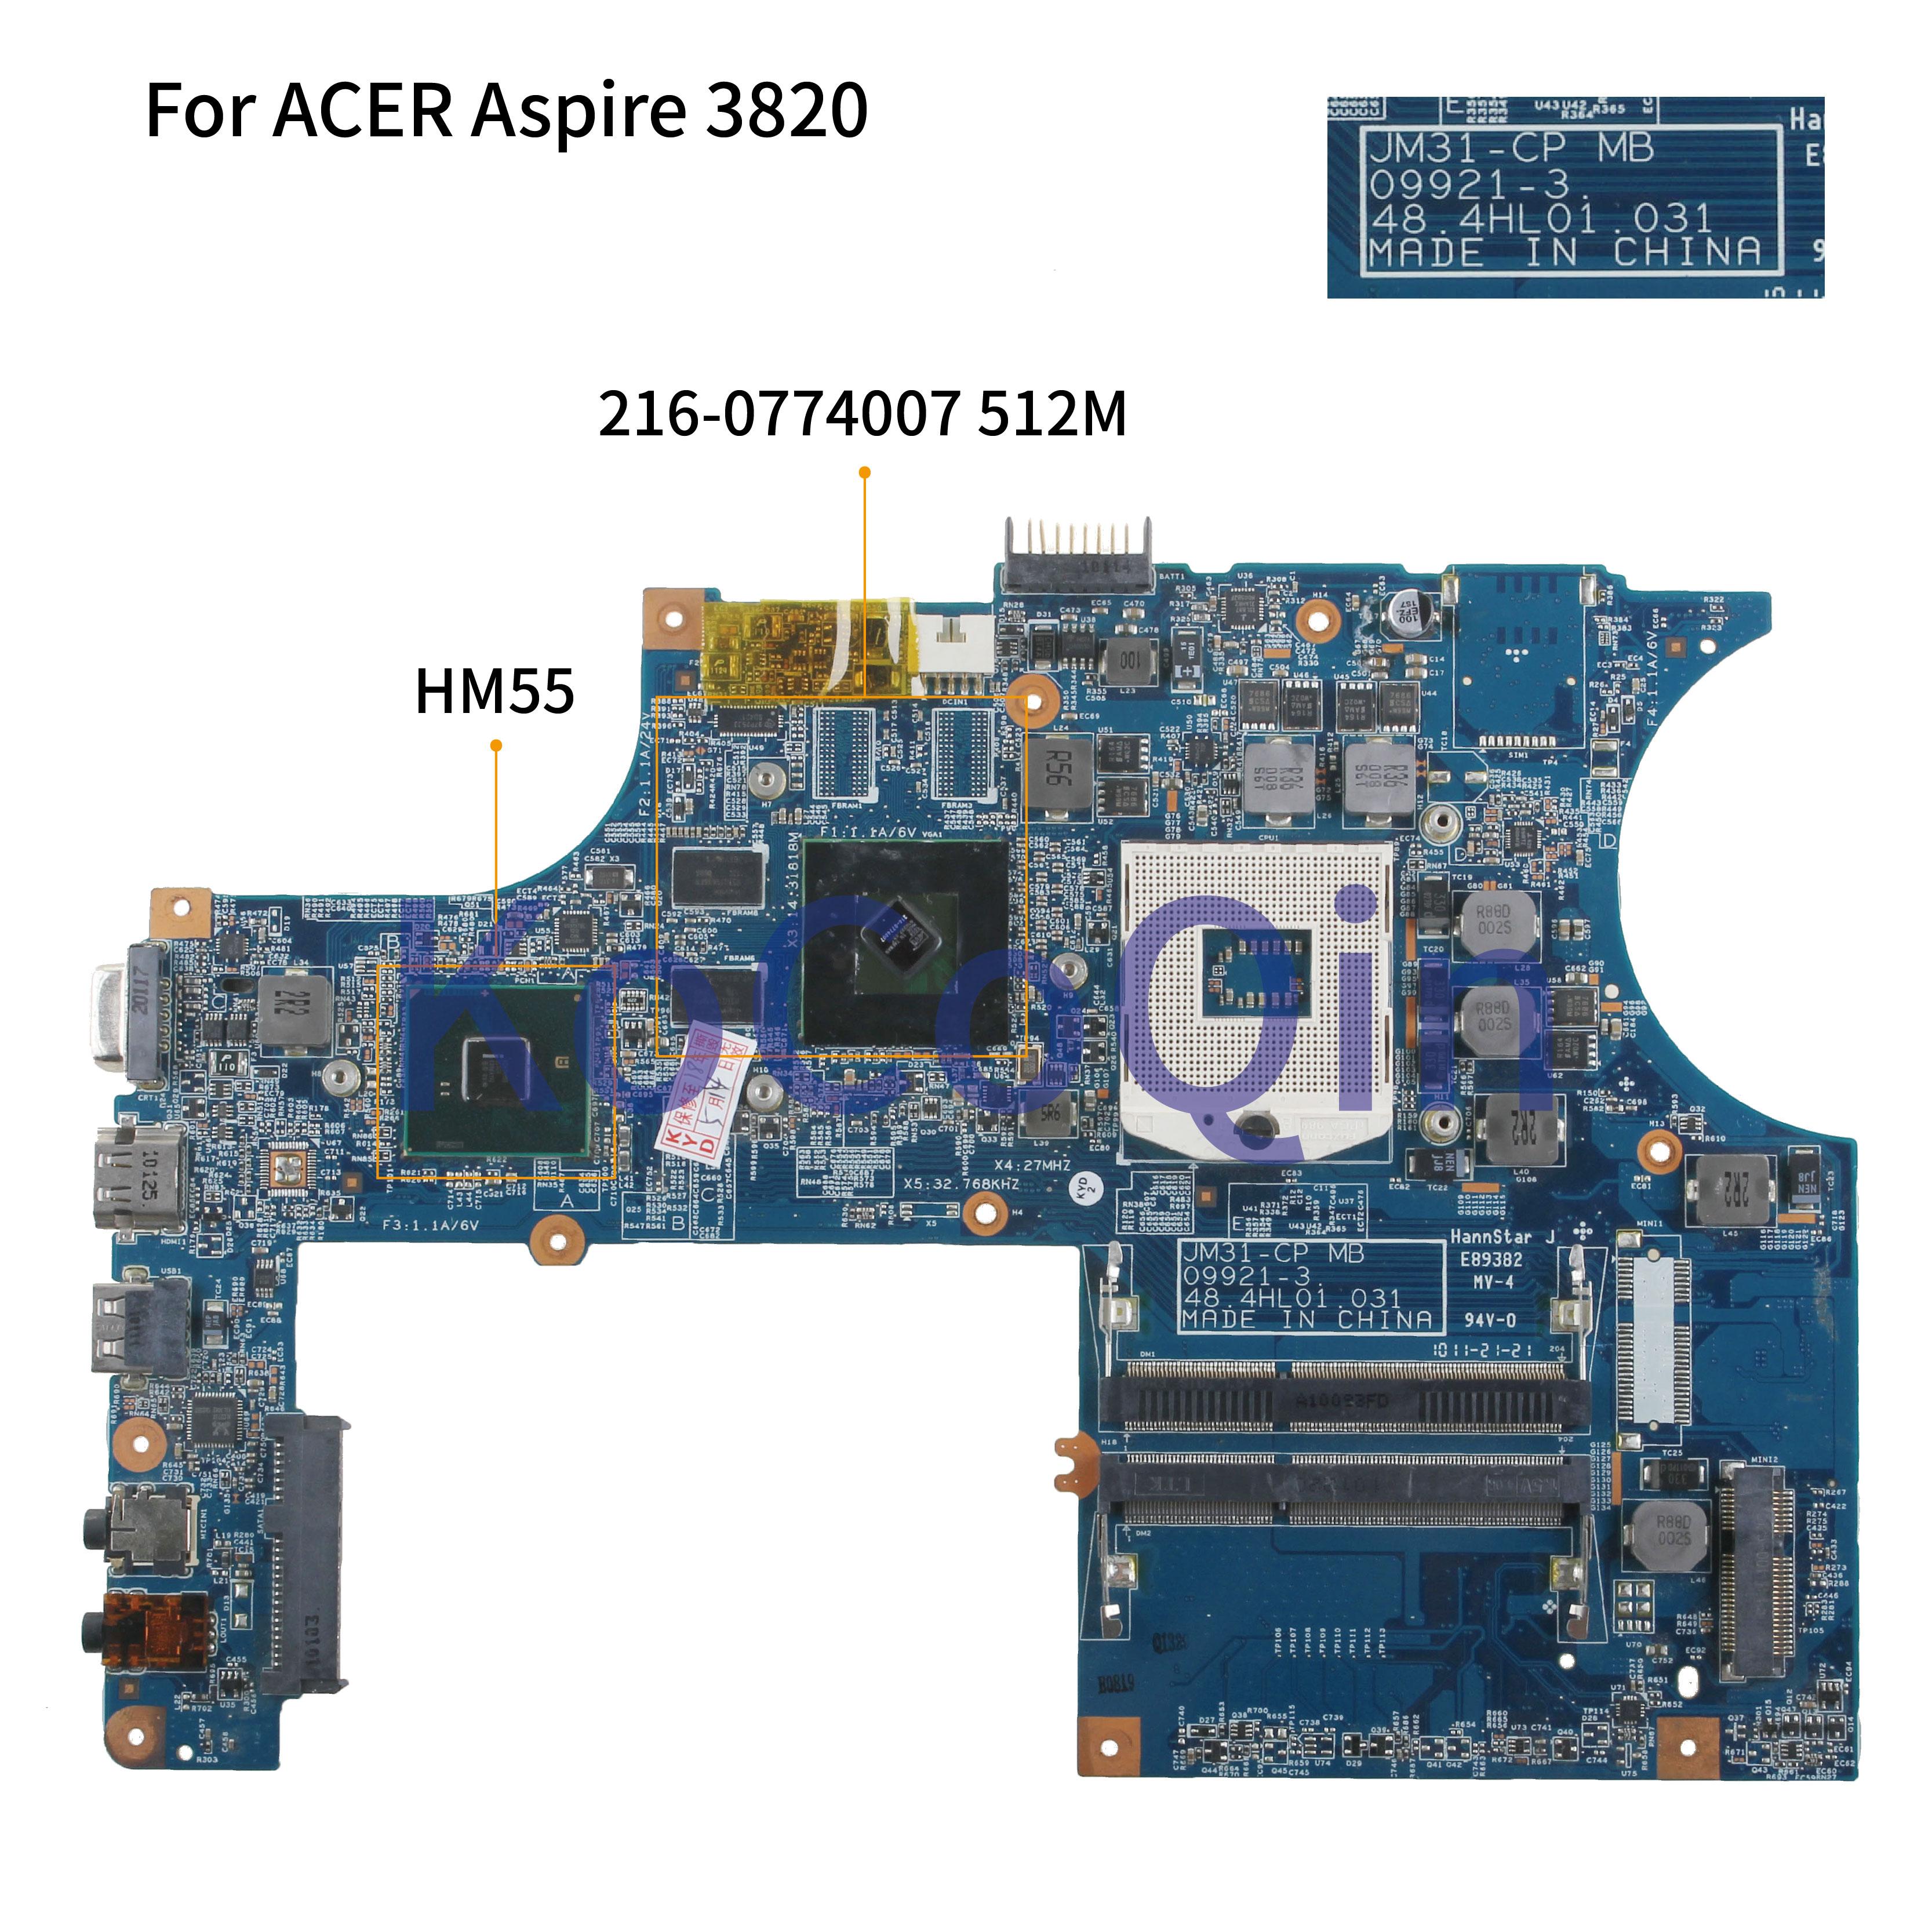 Laptop motherboard Para ACER Aspire 3820 3820TG KoCoQin JM31-CP Mainboard MB. PV001.001 09921-3 48.4HL01.031 216-0774007 HM55